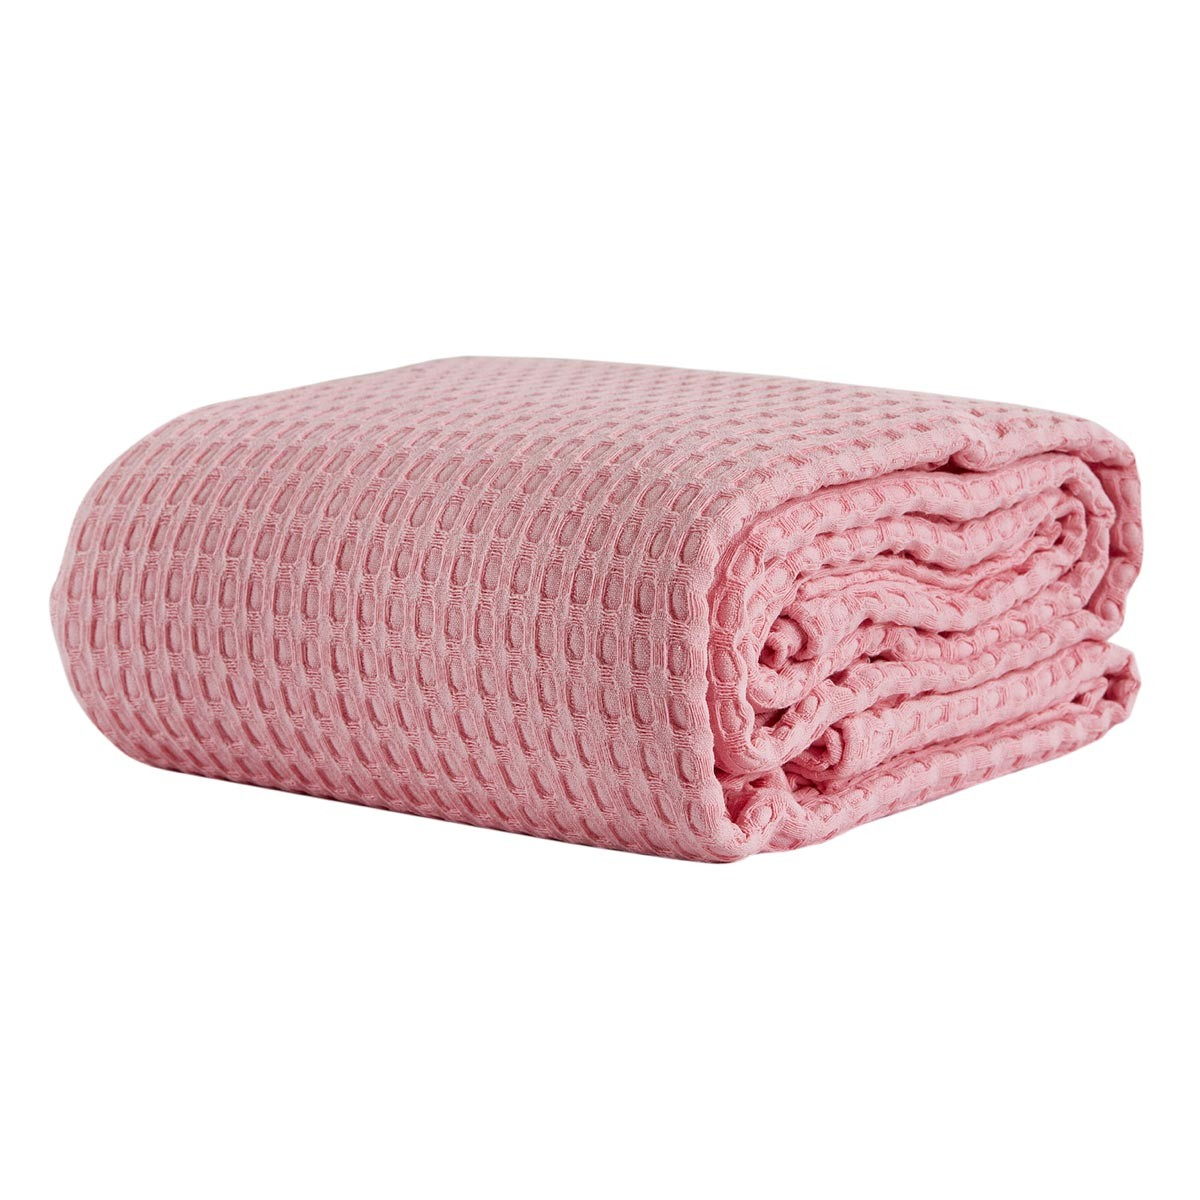 Κουβέρτα Πικέ Υπέρδιπλη White Egg ΚΠ10Α Ροζ